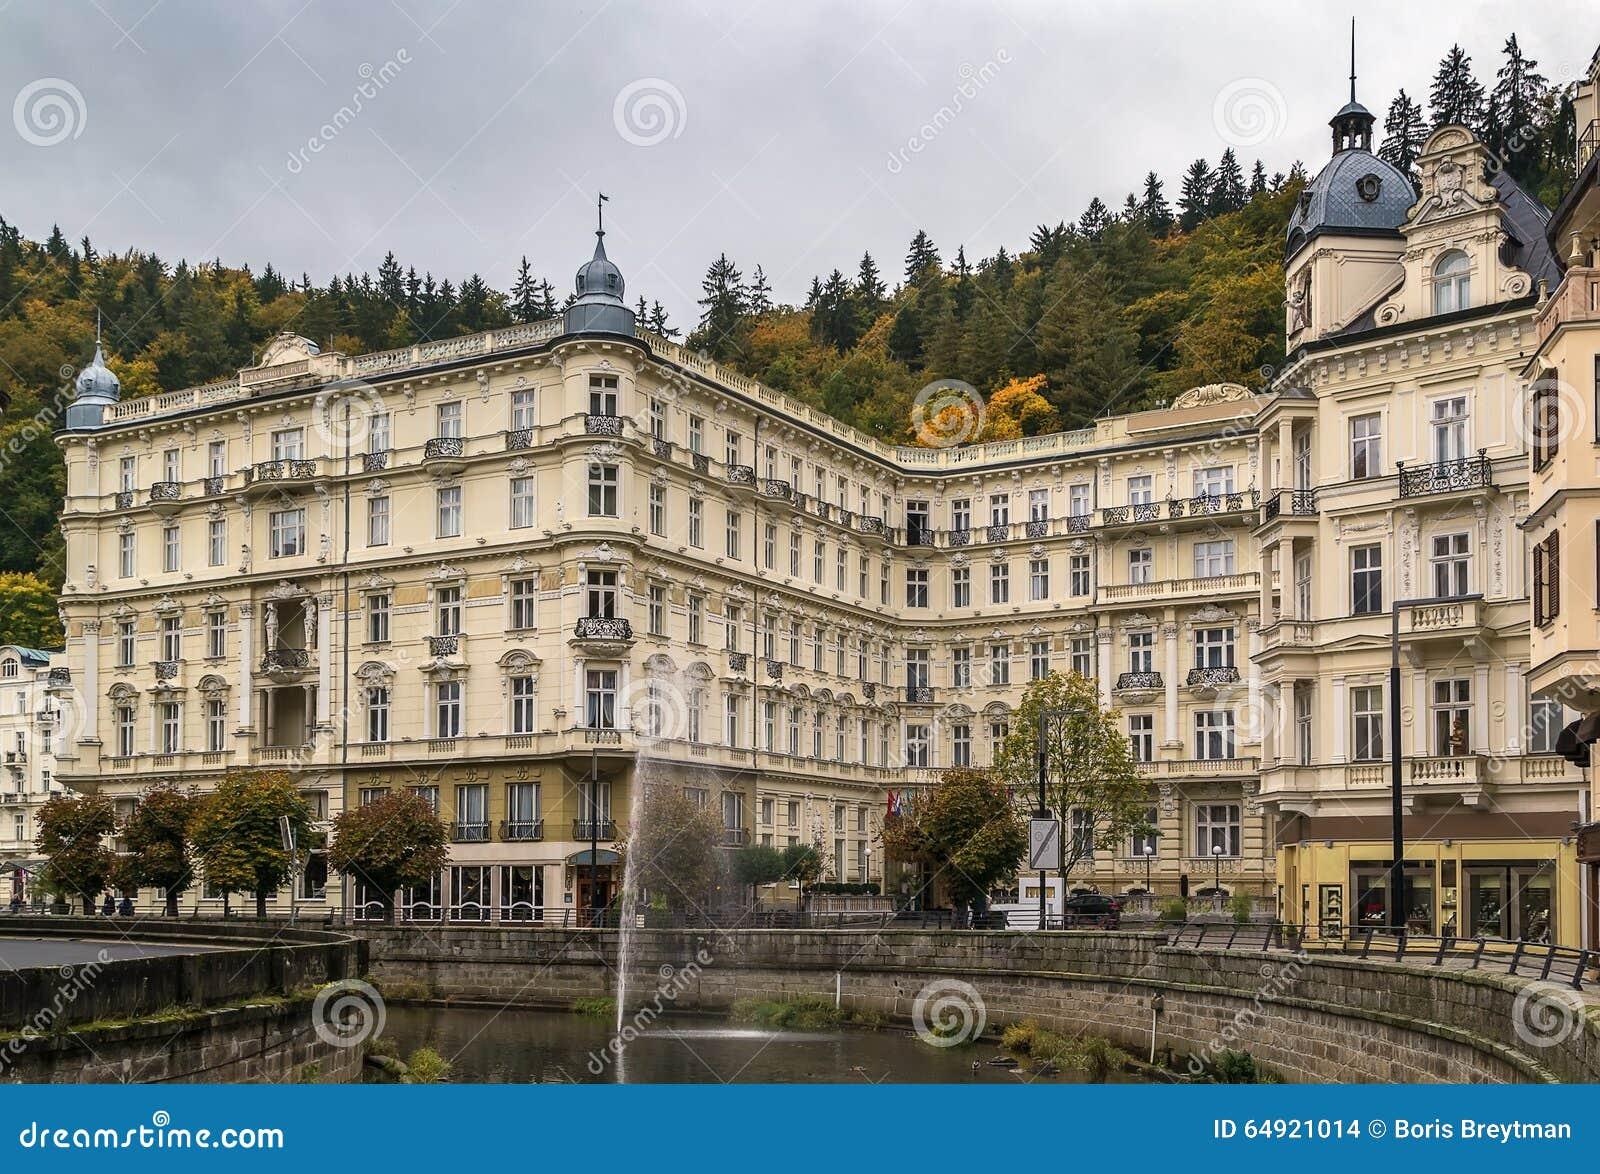 Pupp Hotel Karlsbad